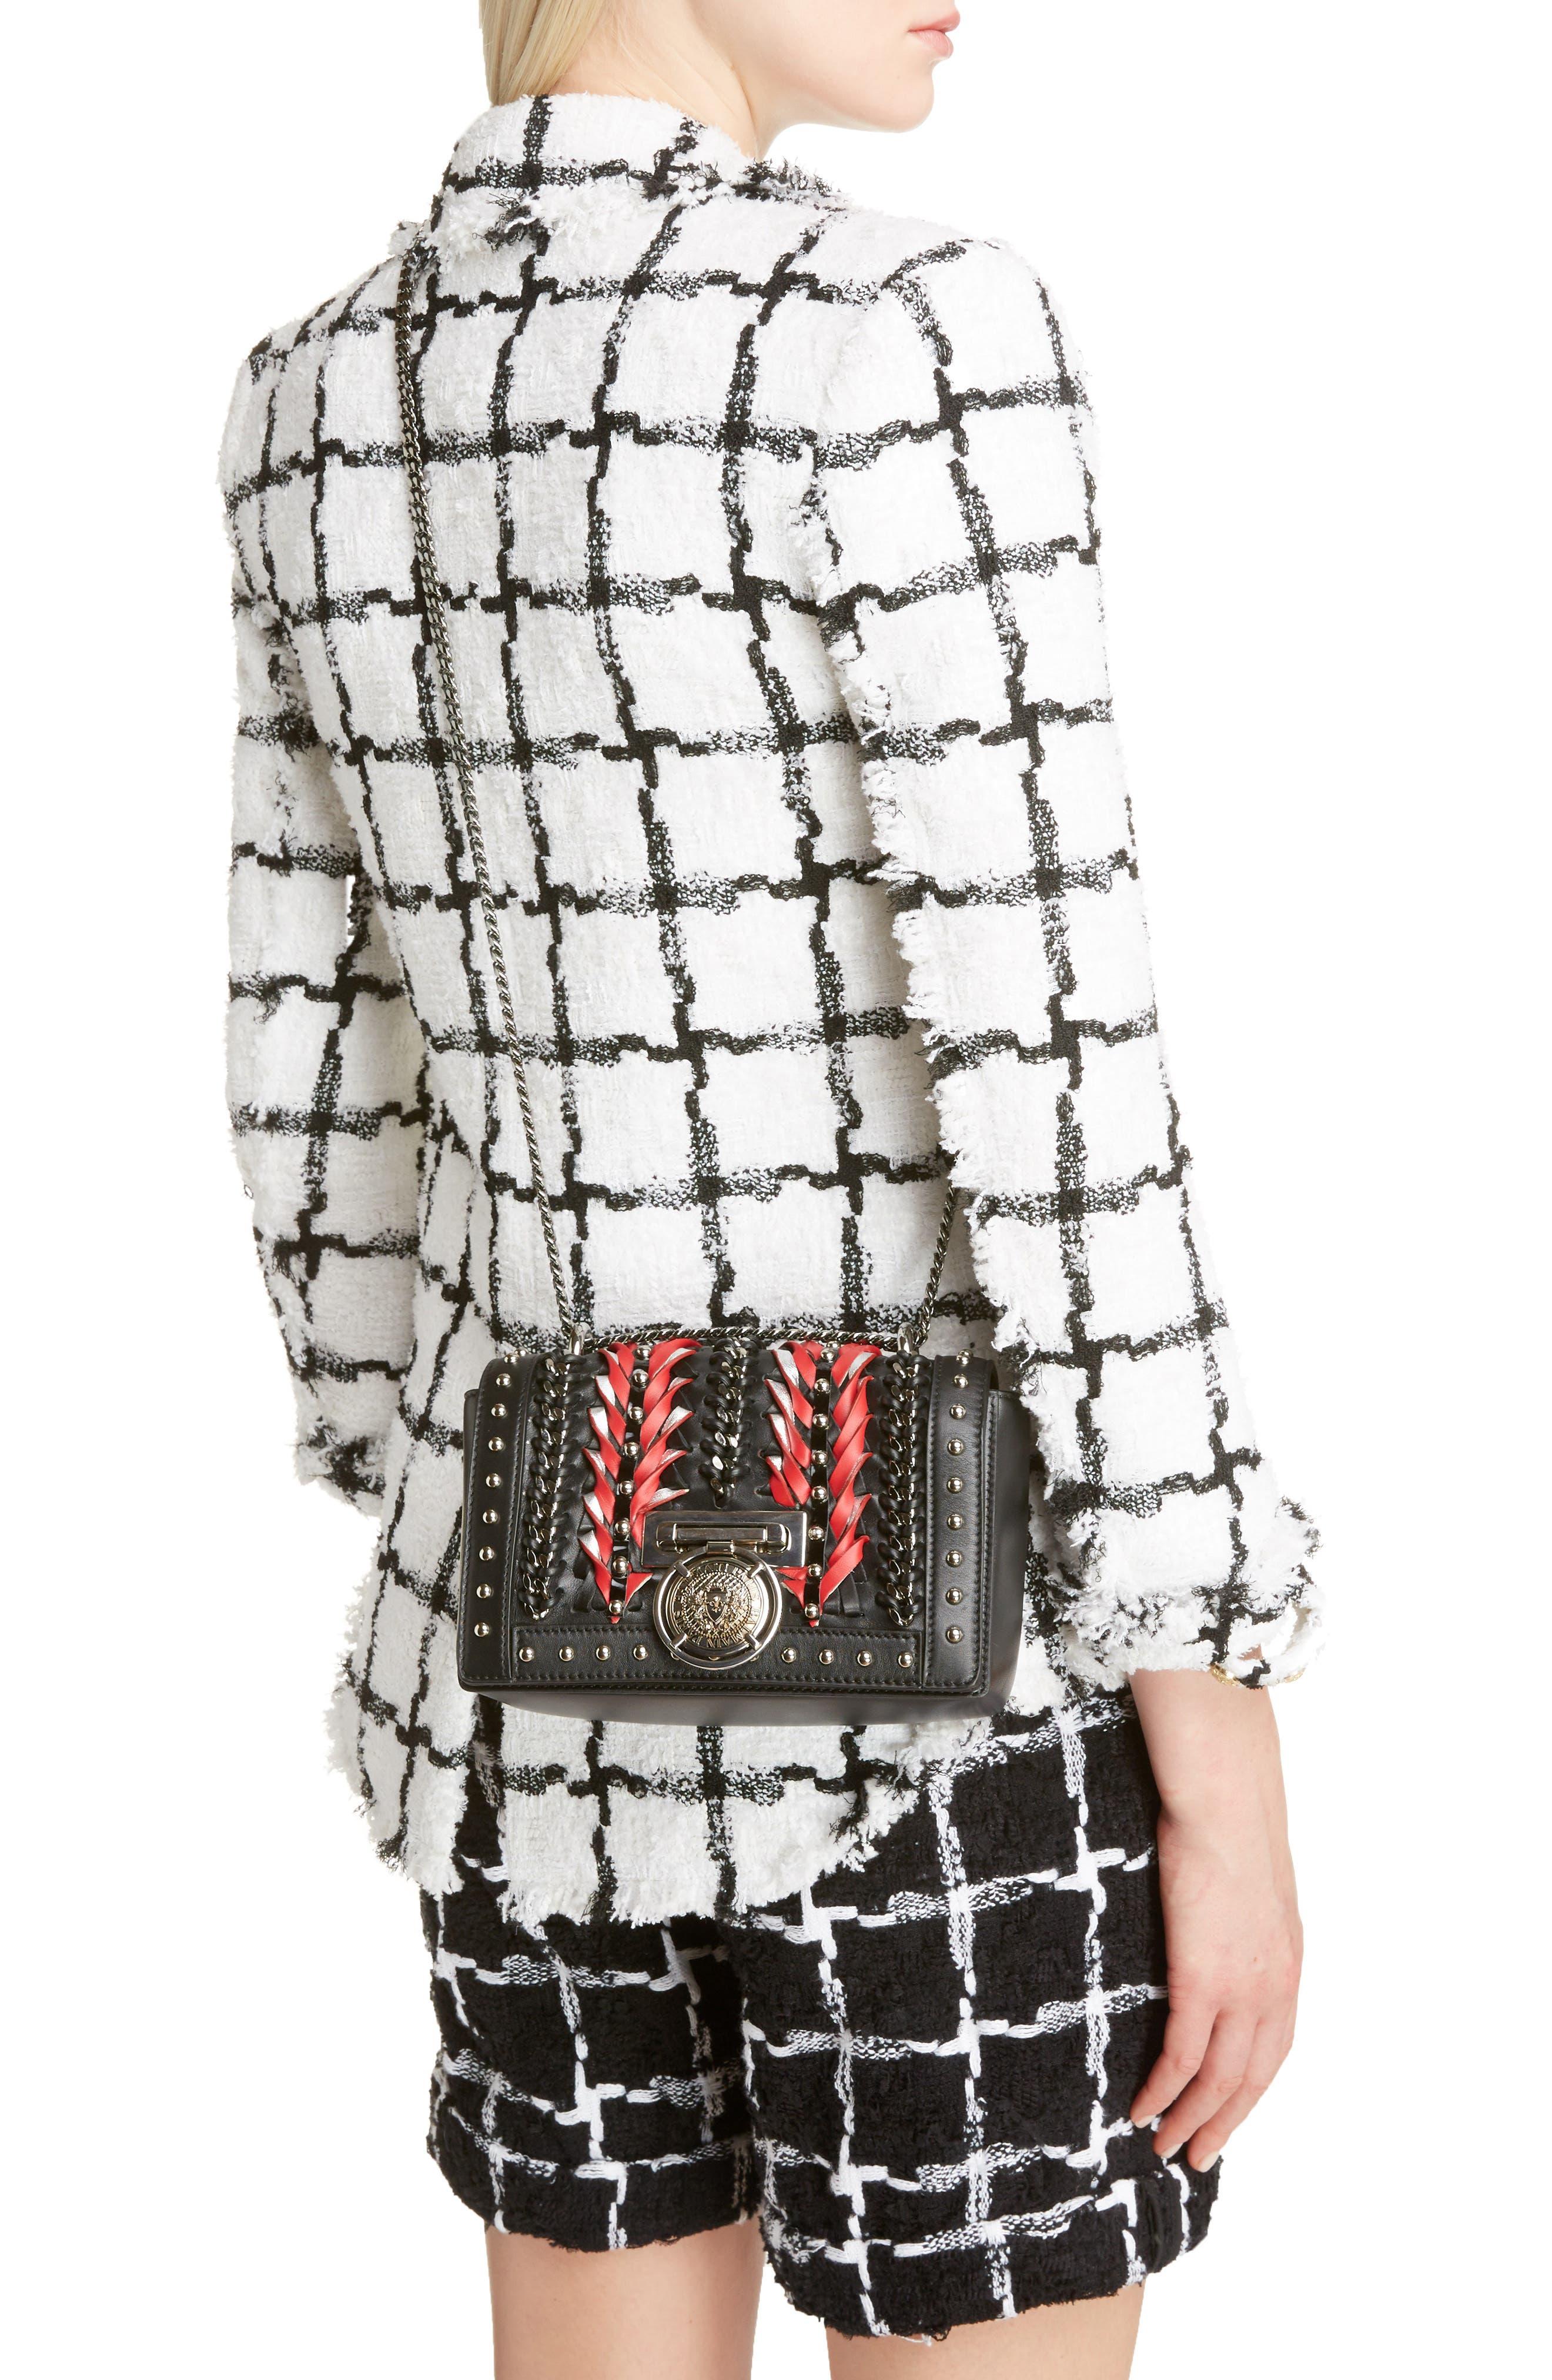 Baby Box Woven Leather Shoulder Bag,                             Alternate thumbnail 2, color,                             Noir/ Rouge/ Blanc